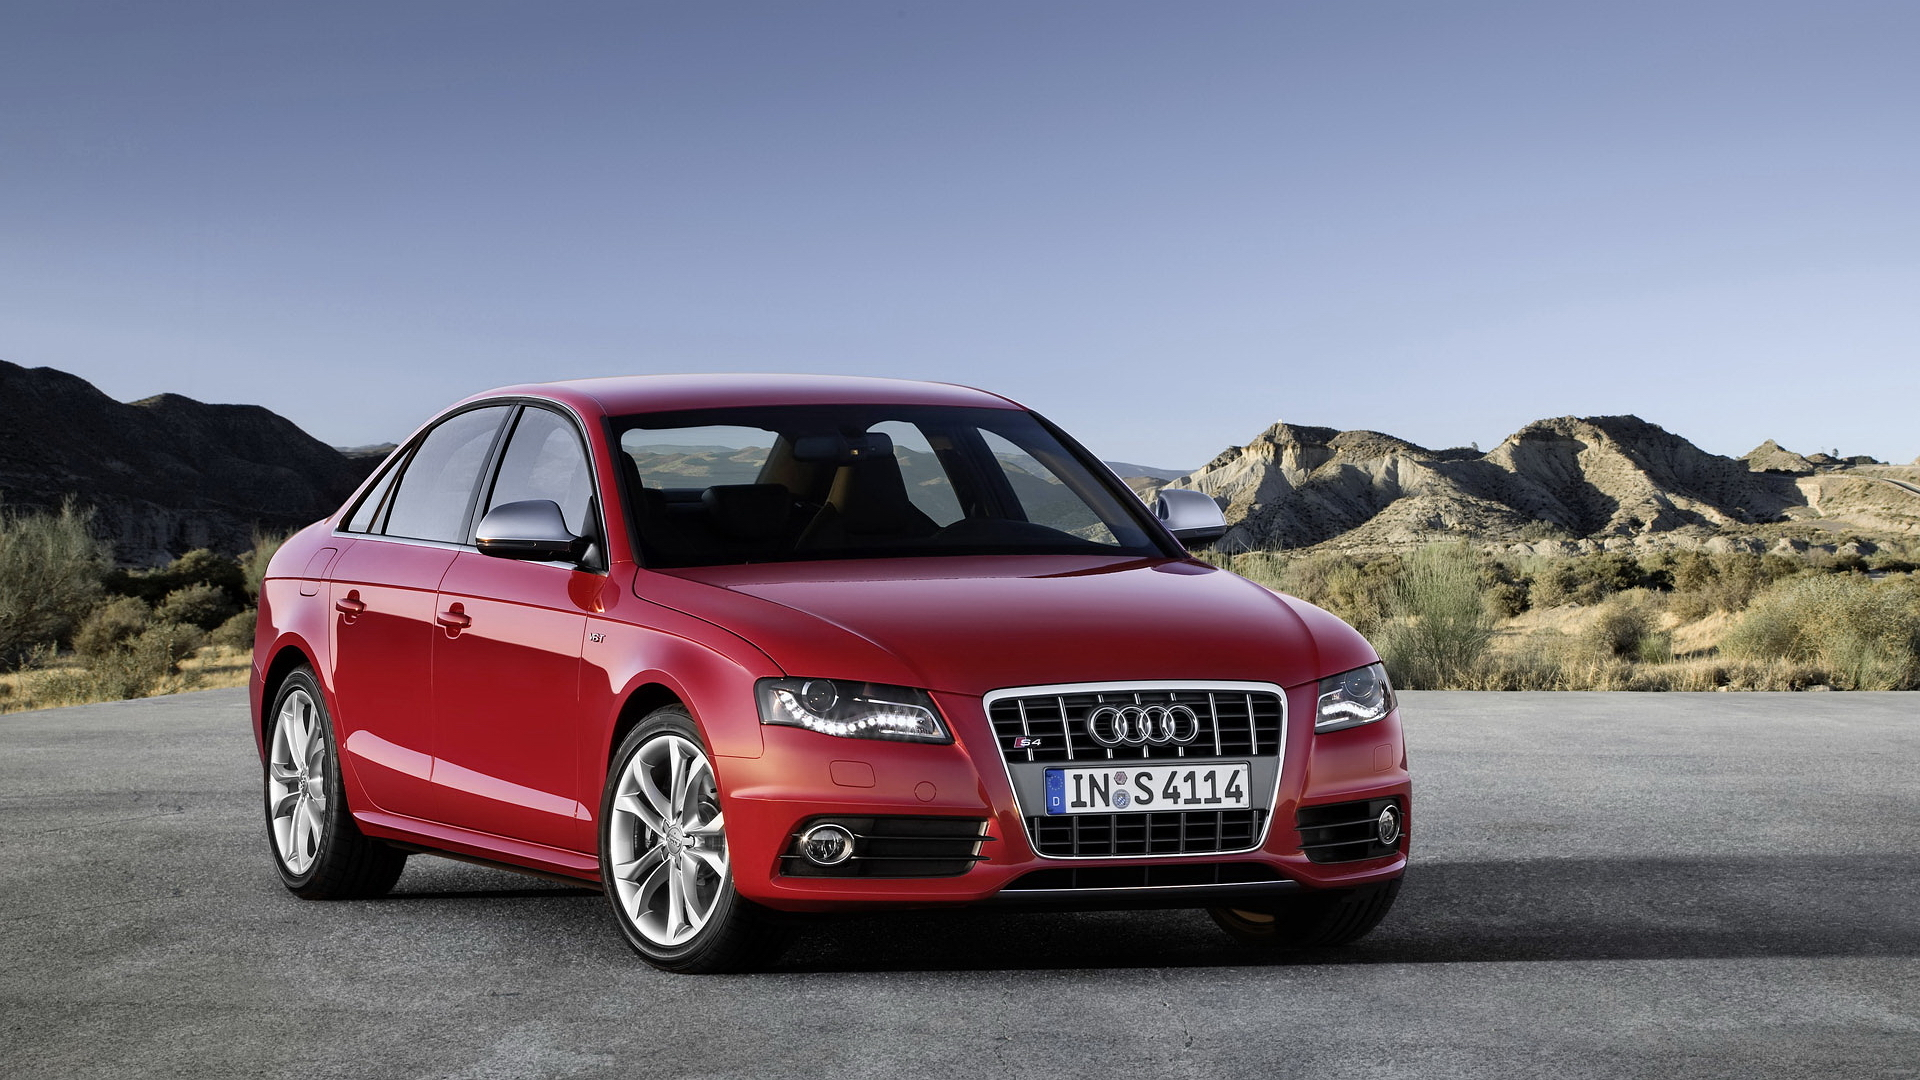 48152 télécharger le fond d'écran Transports, Voitures, Audi - économiseurs d'écran et images gratuitement